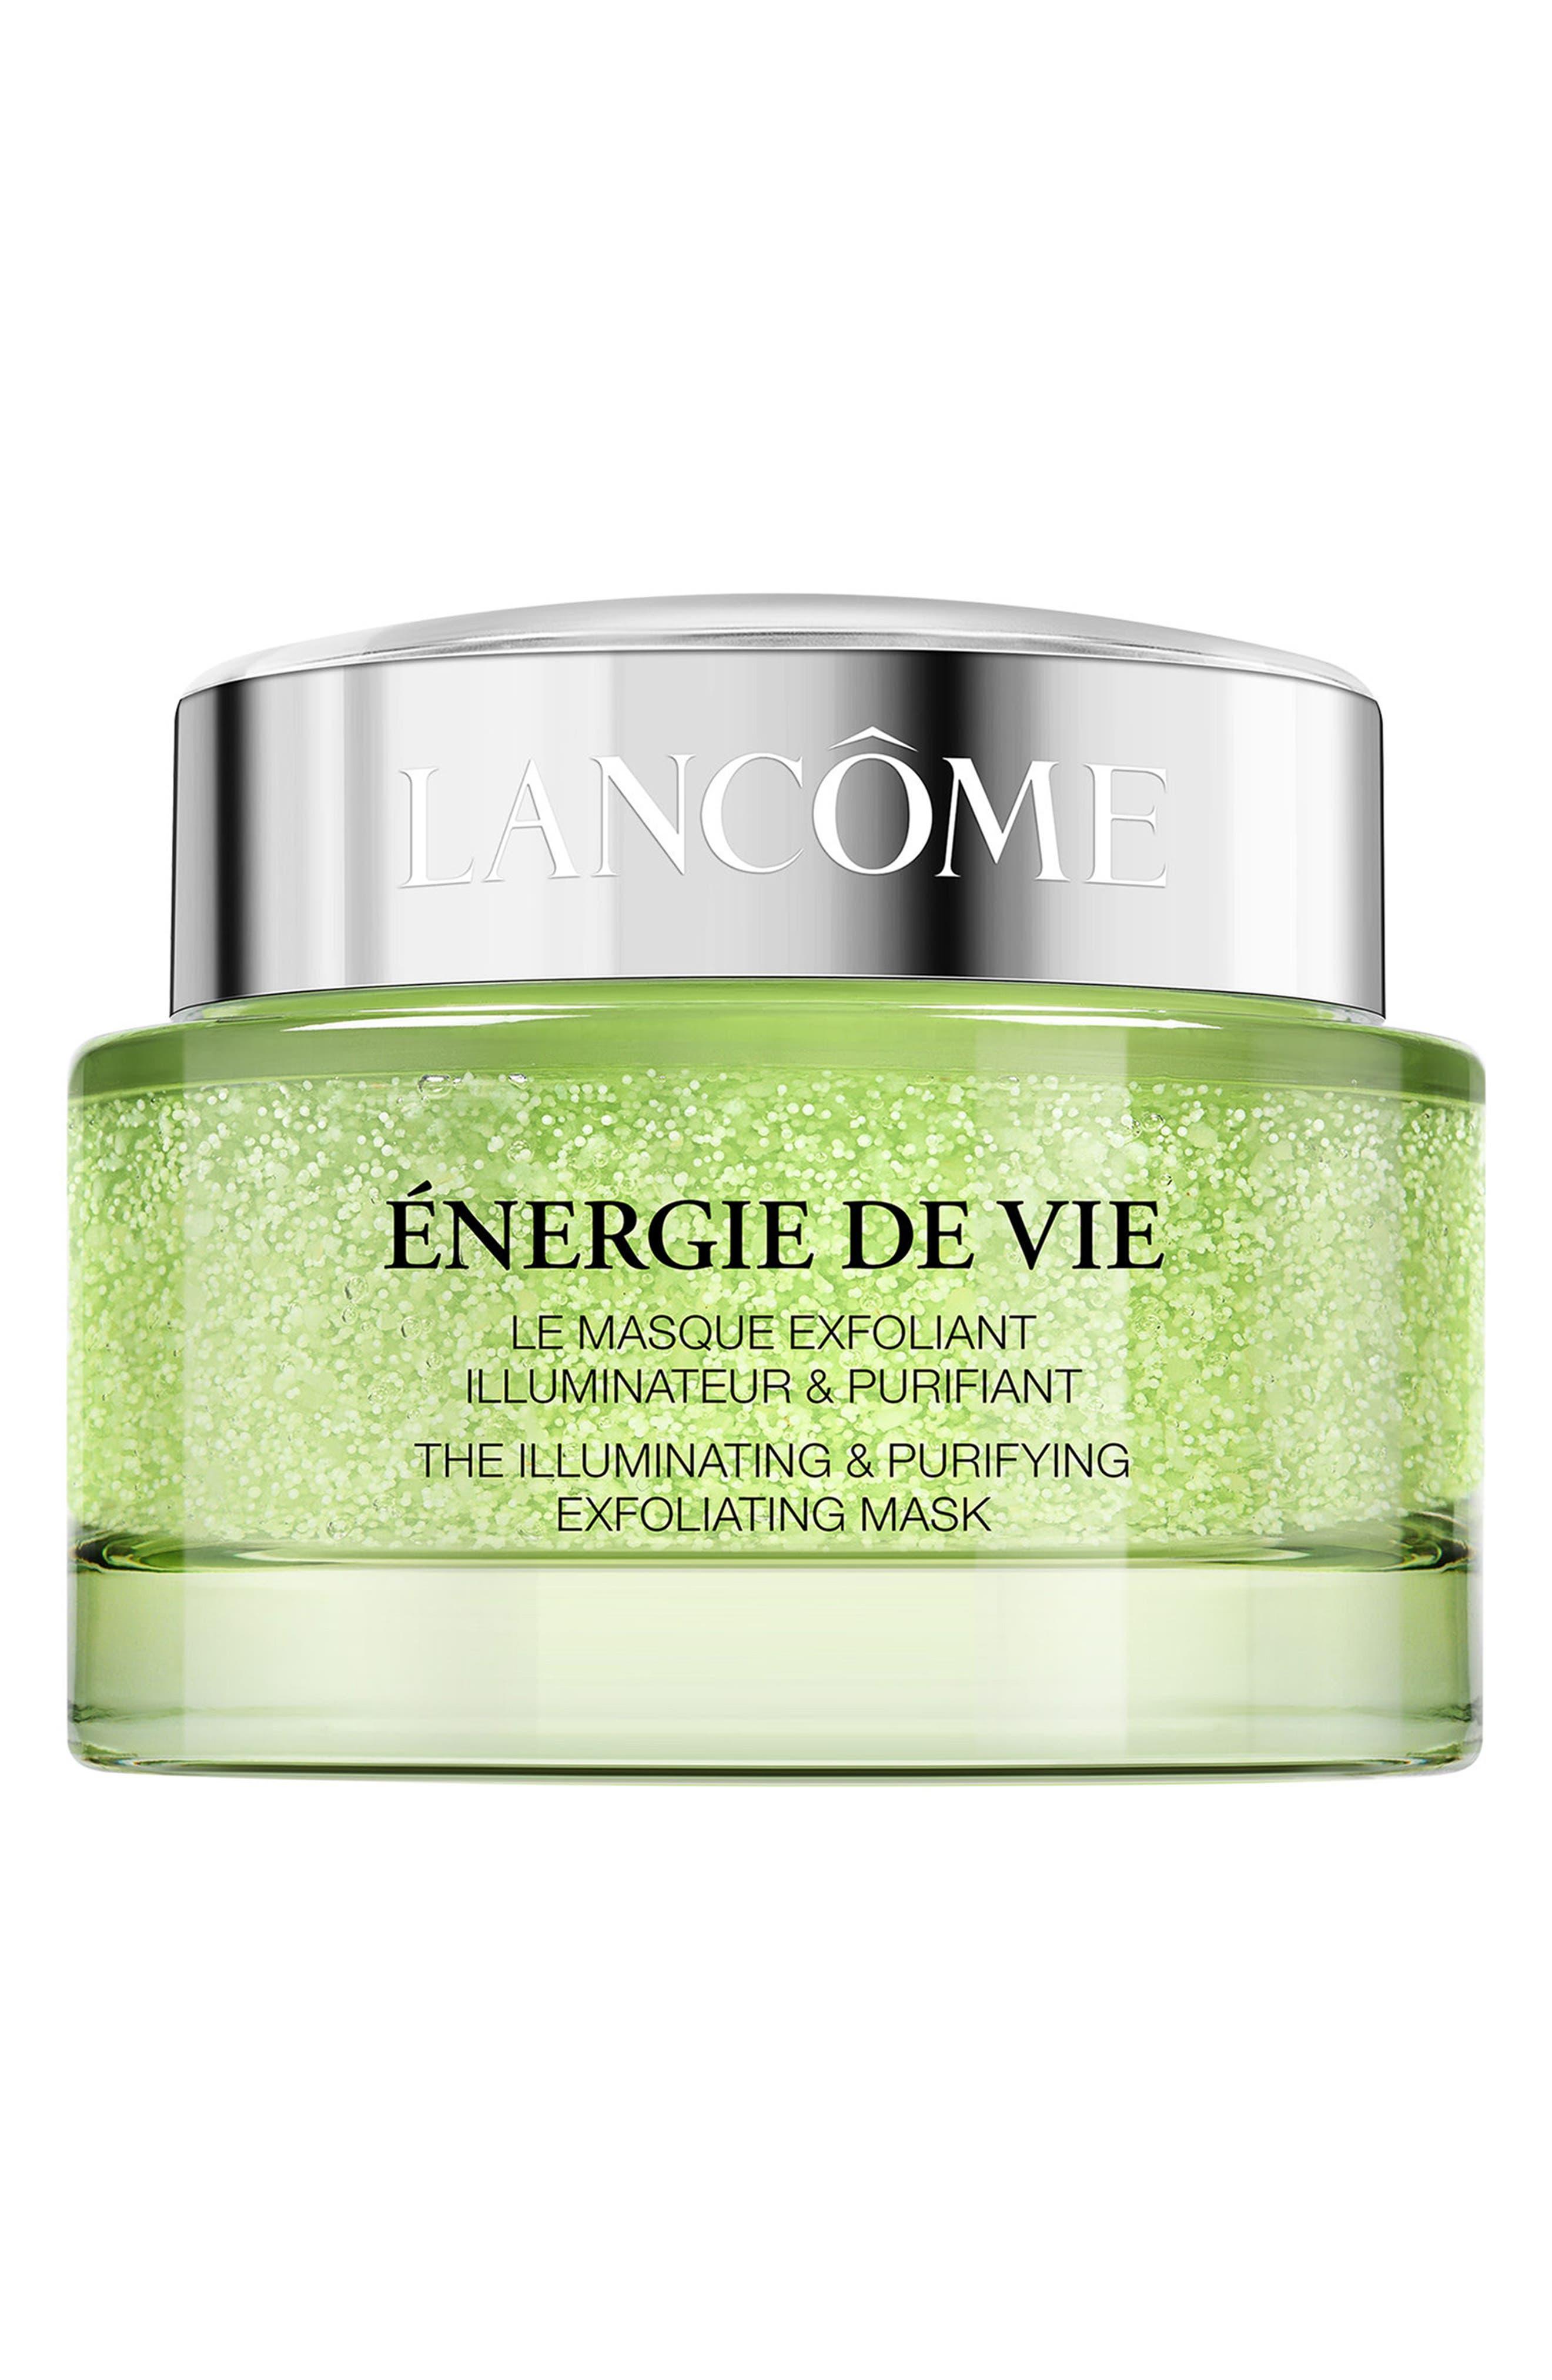 Lancome Energie De Vie The Illuminating & Purifying Exfoliating Mask